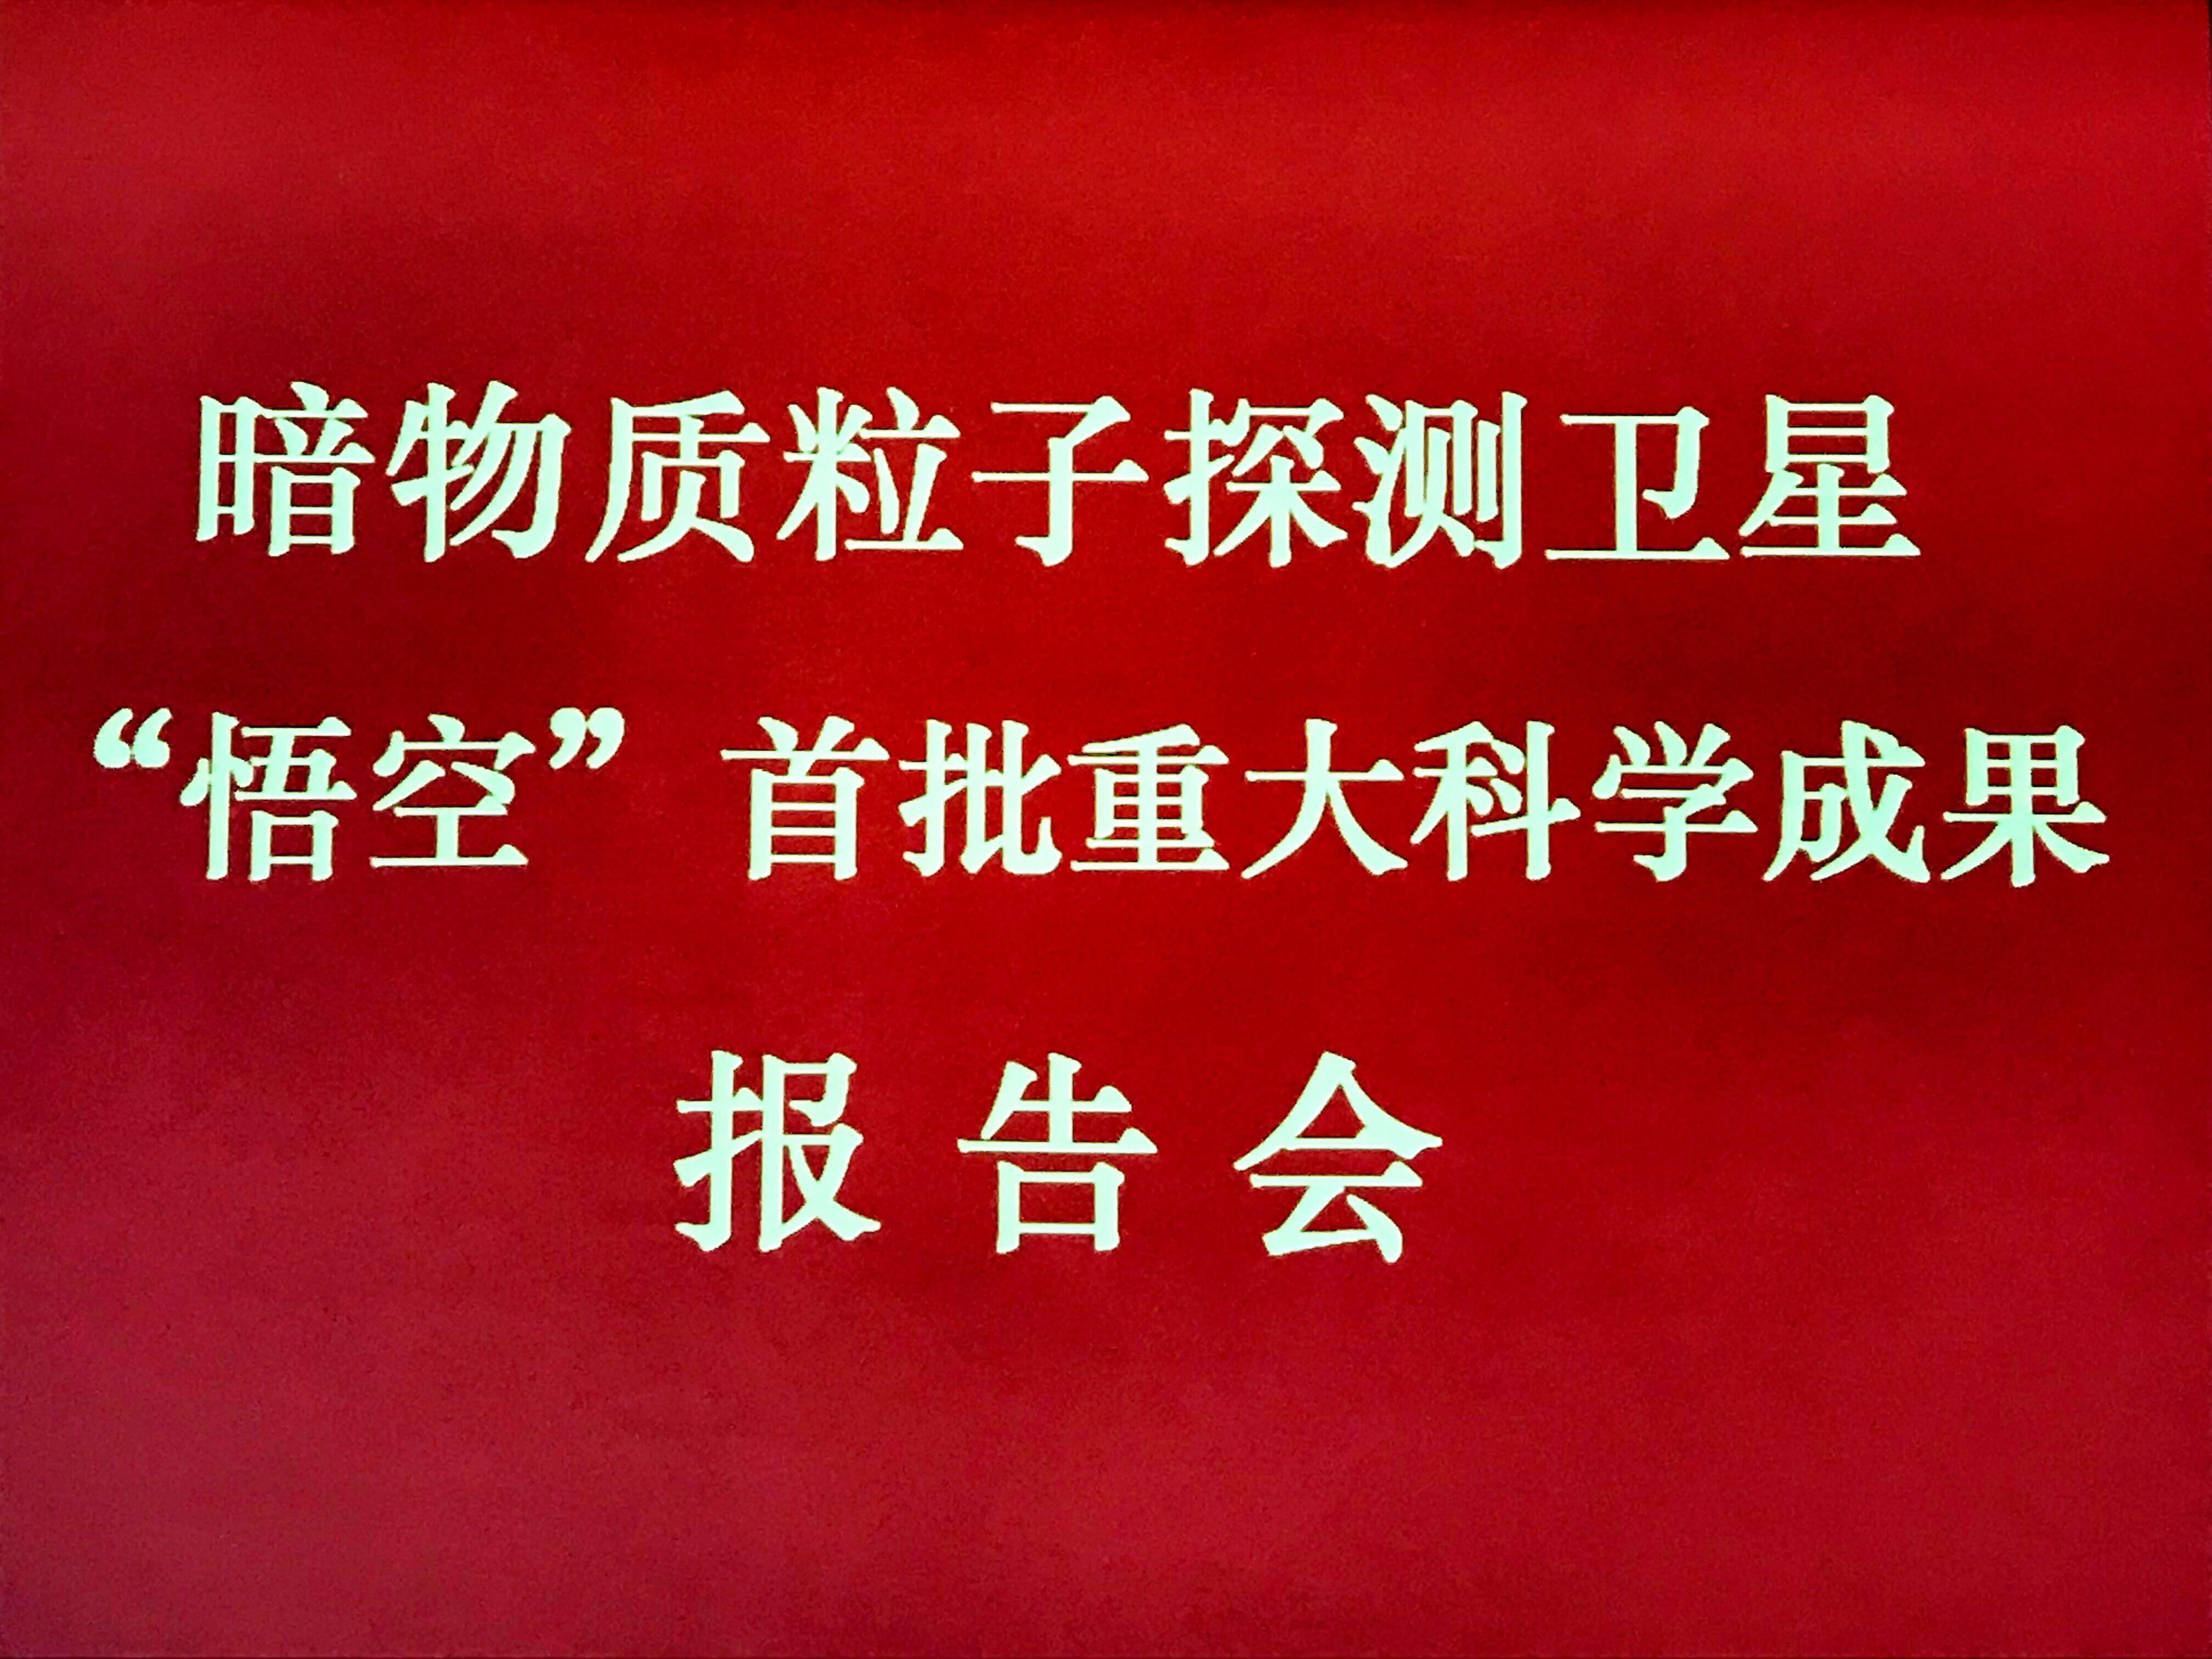 """""""暗物质粒子探测卫星'悟空号'首批重大科学成果""""报告会"""